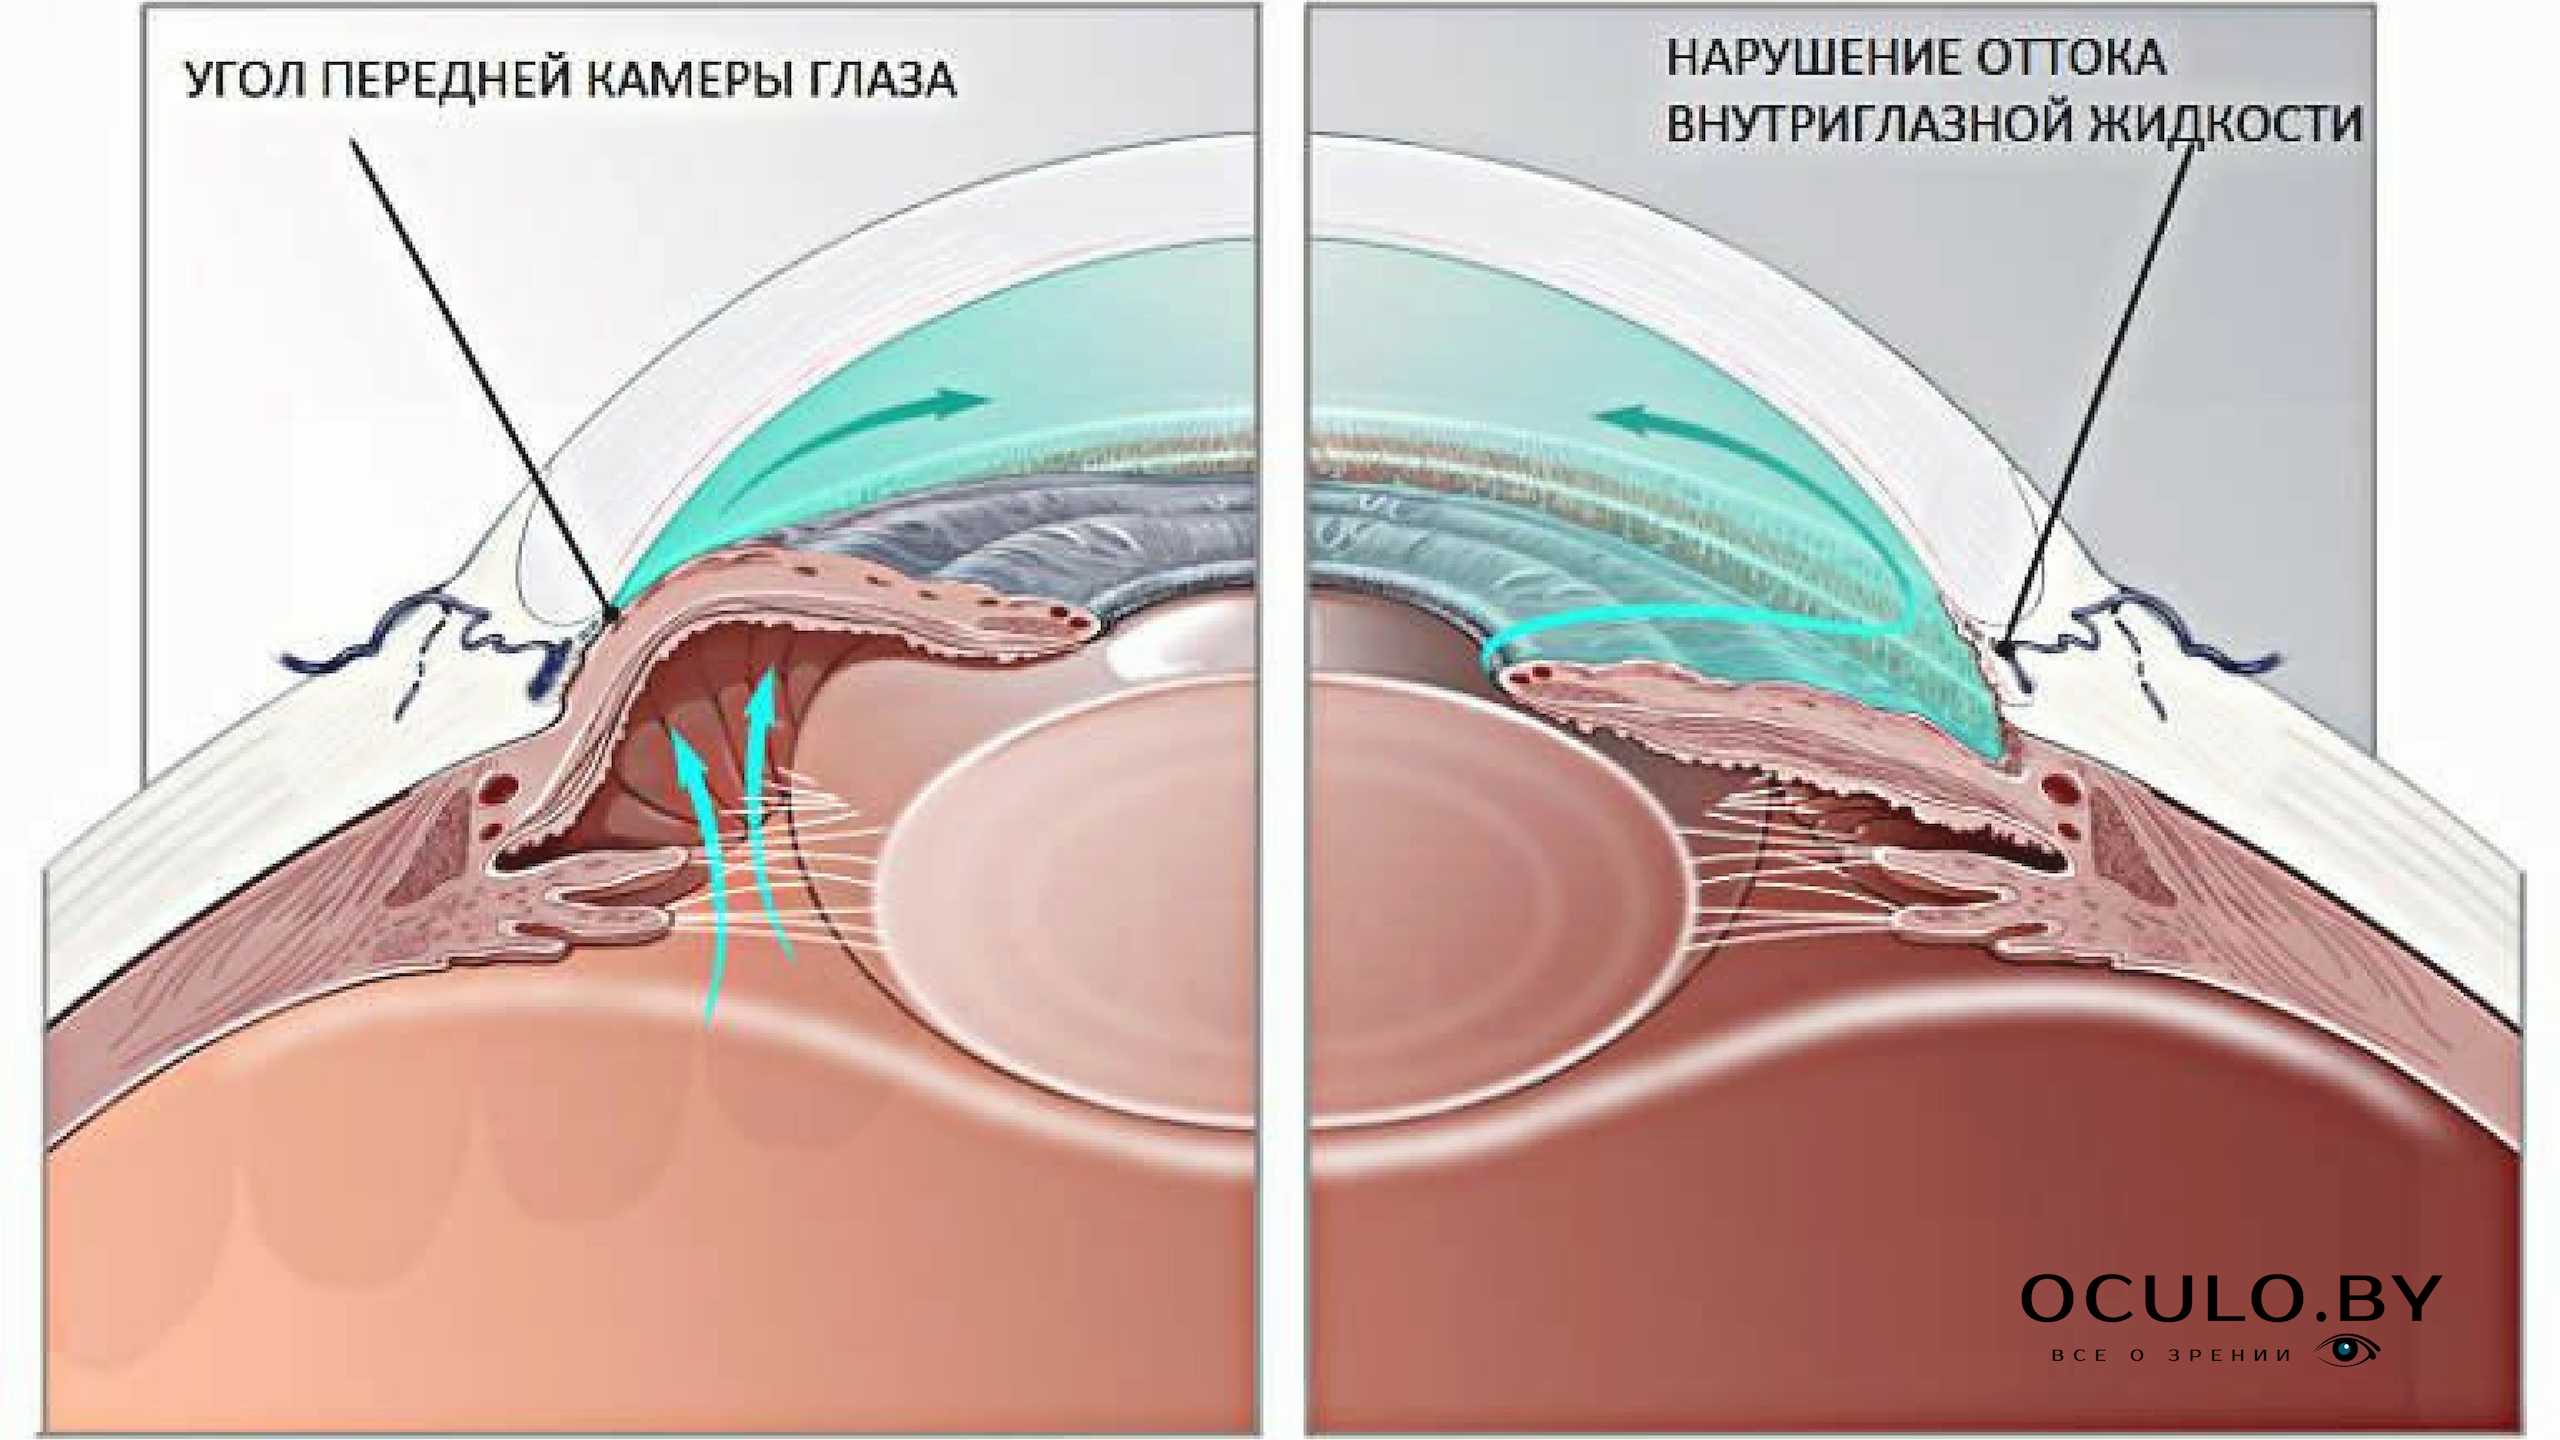 Передняя камера глаза